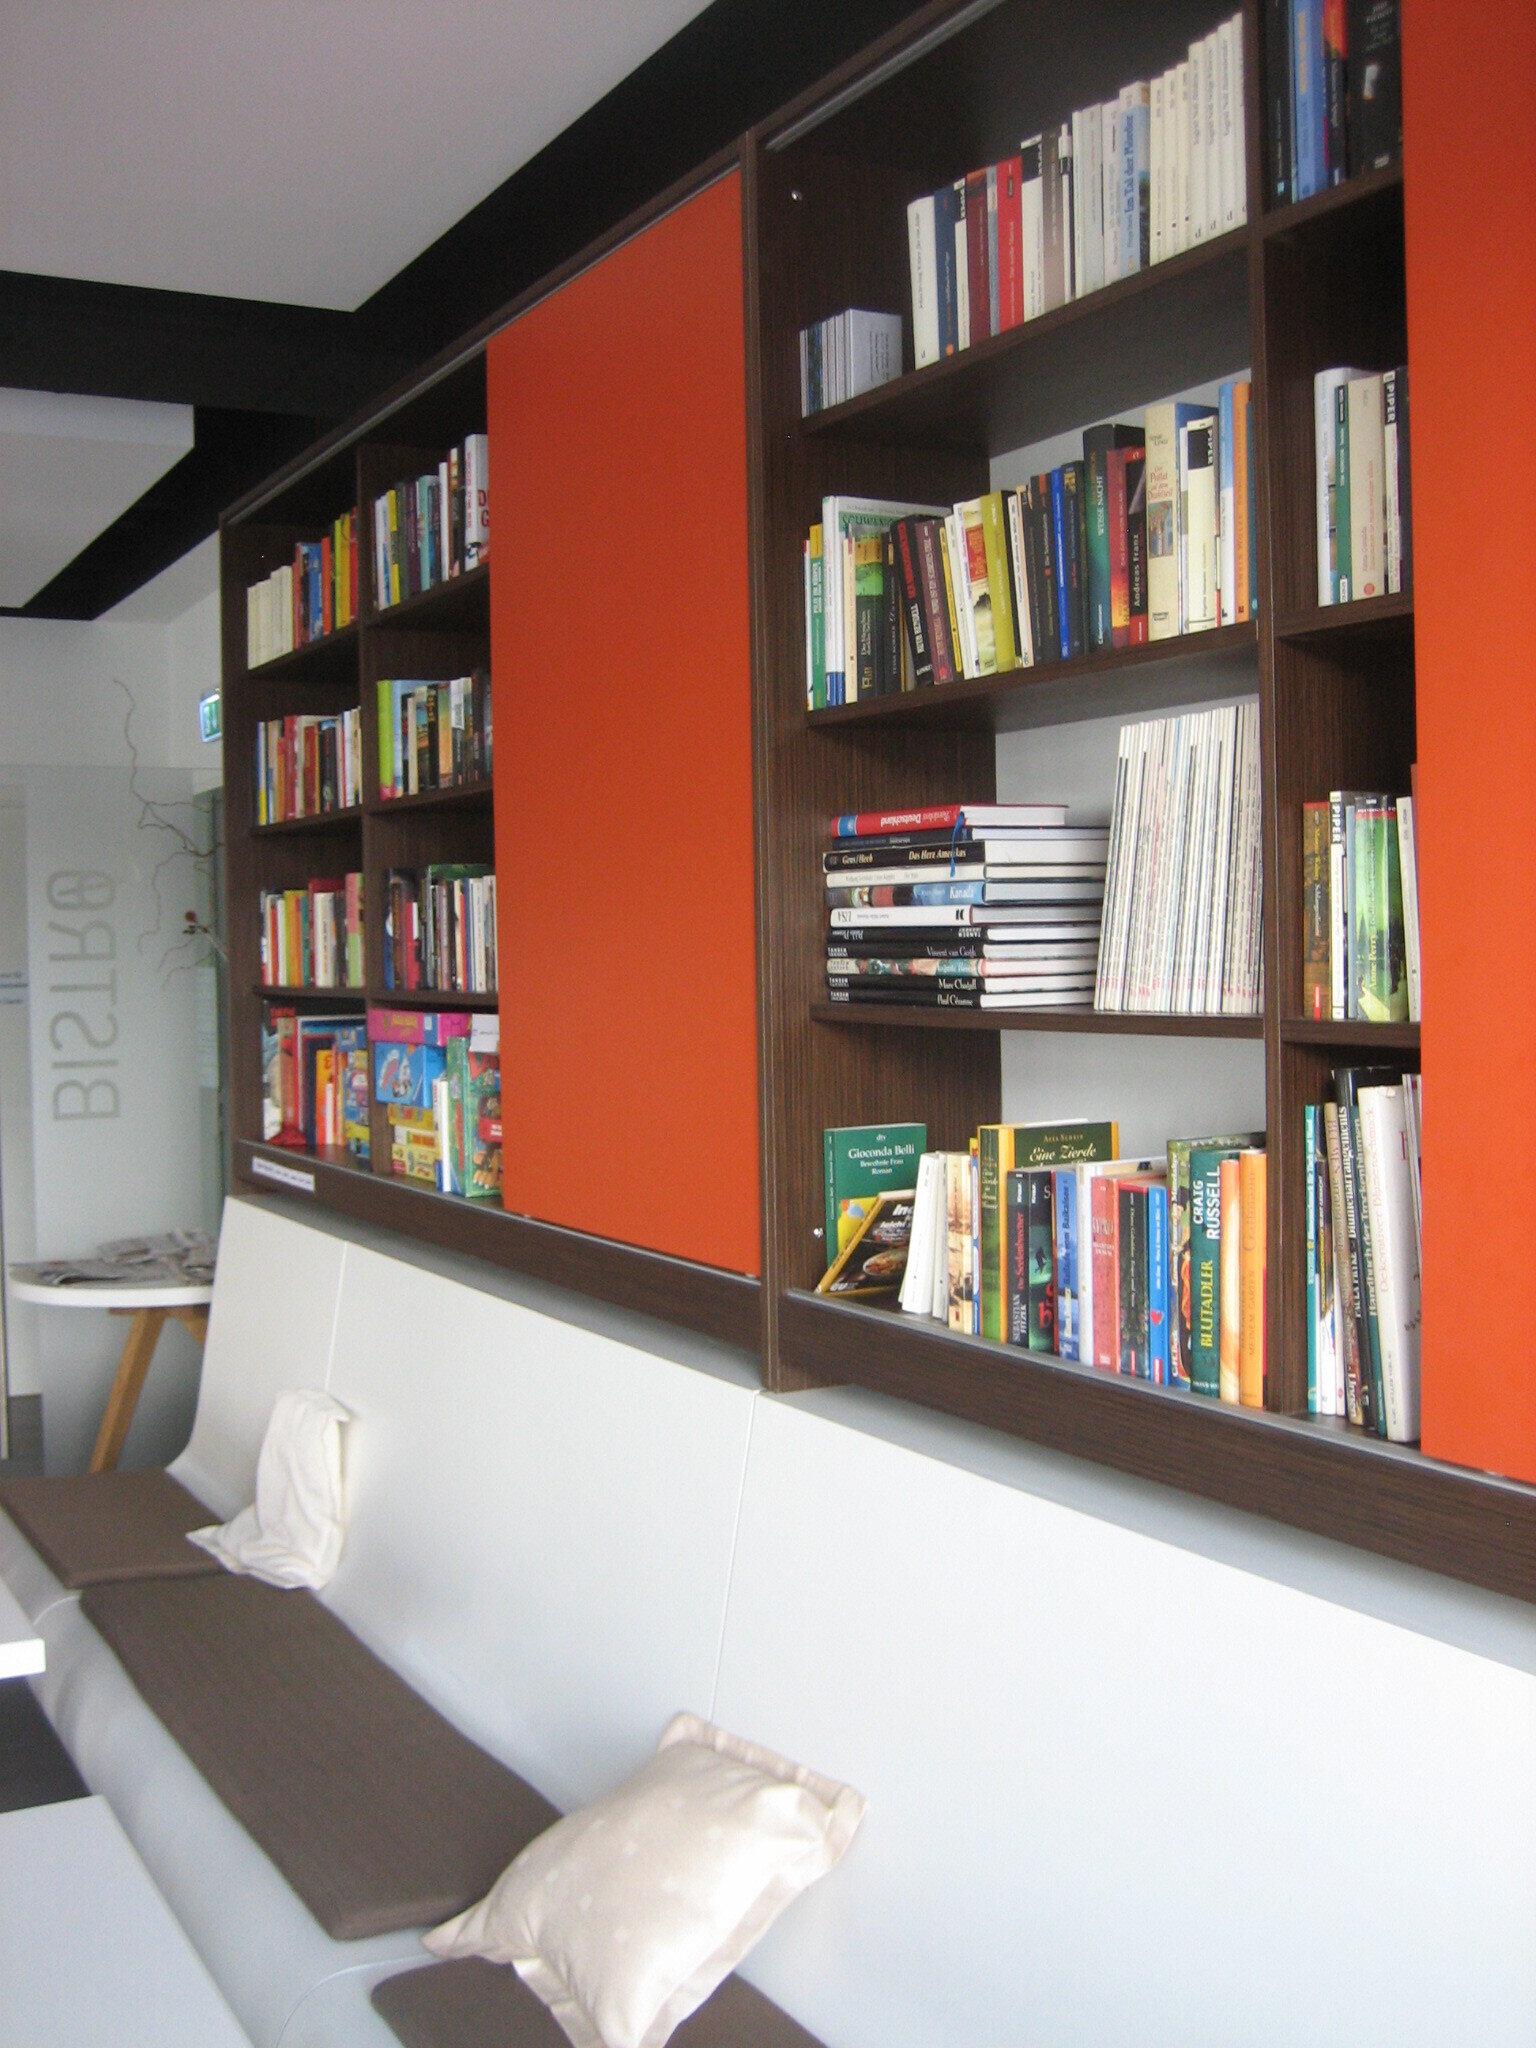 Bistro_-_ffentliche_Bibliothek_5_